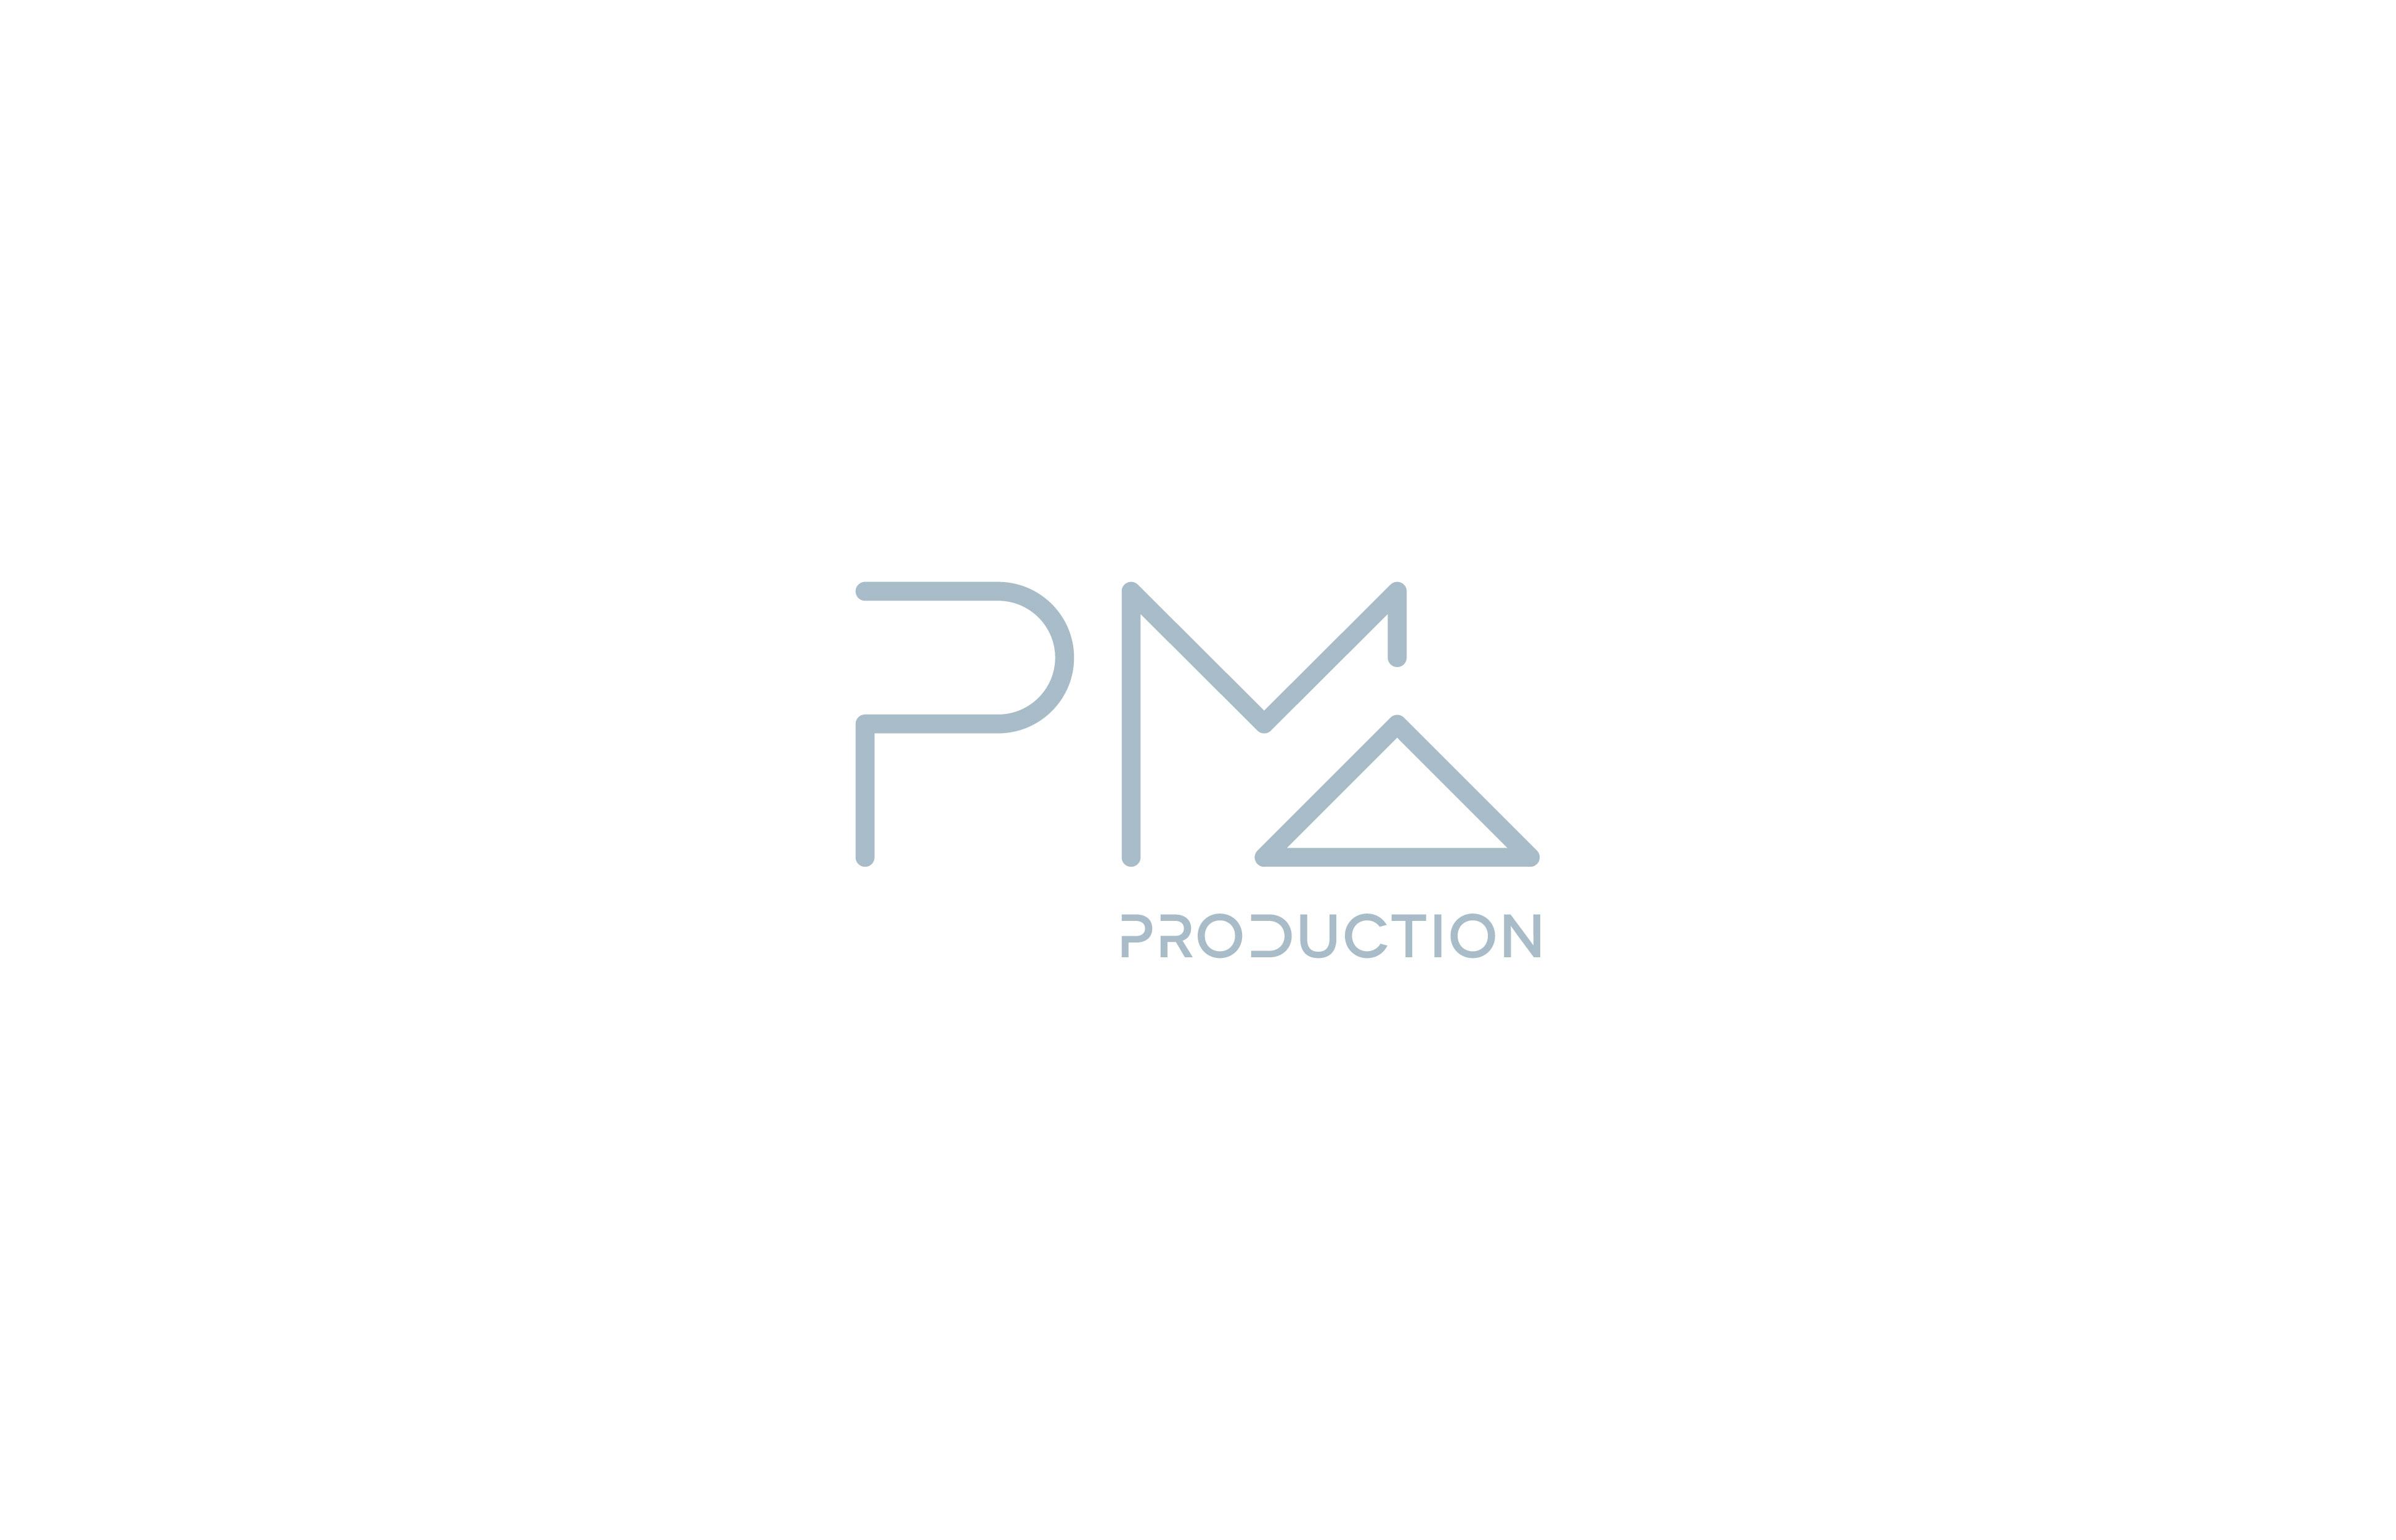 pma-01